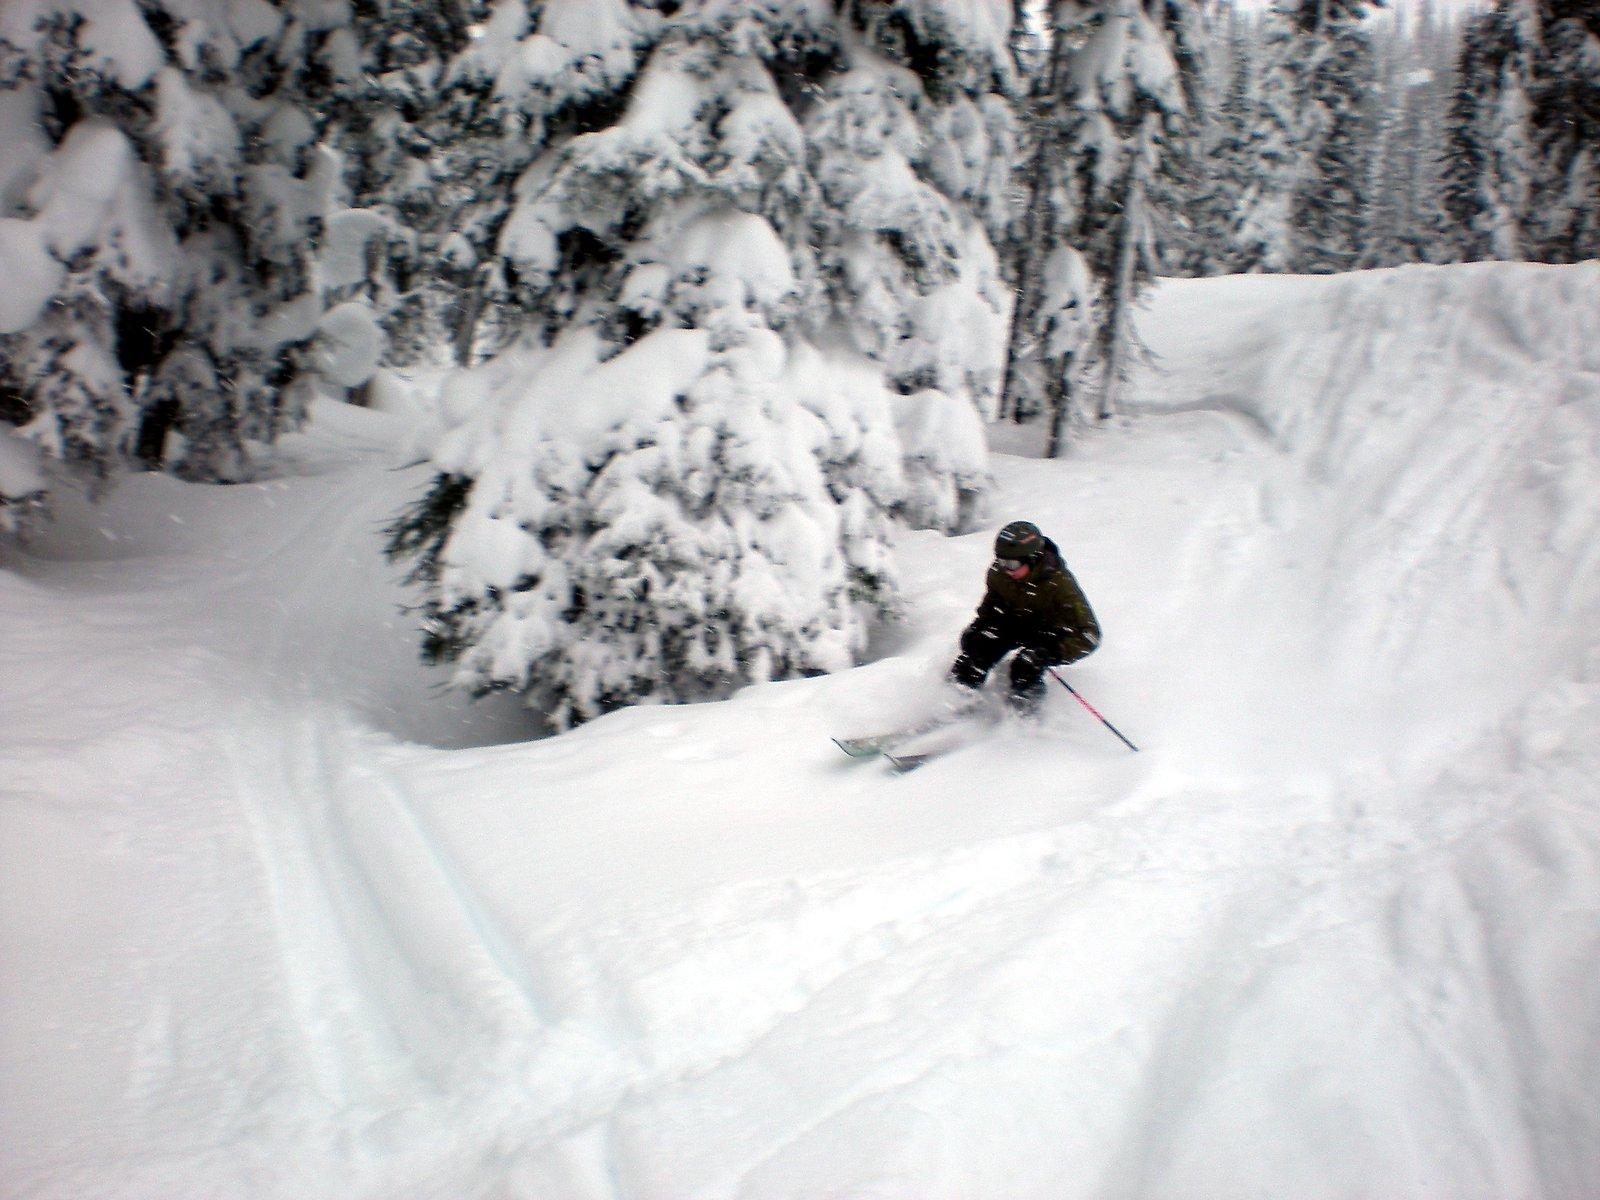 Skiing Bye.